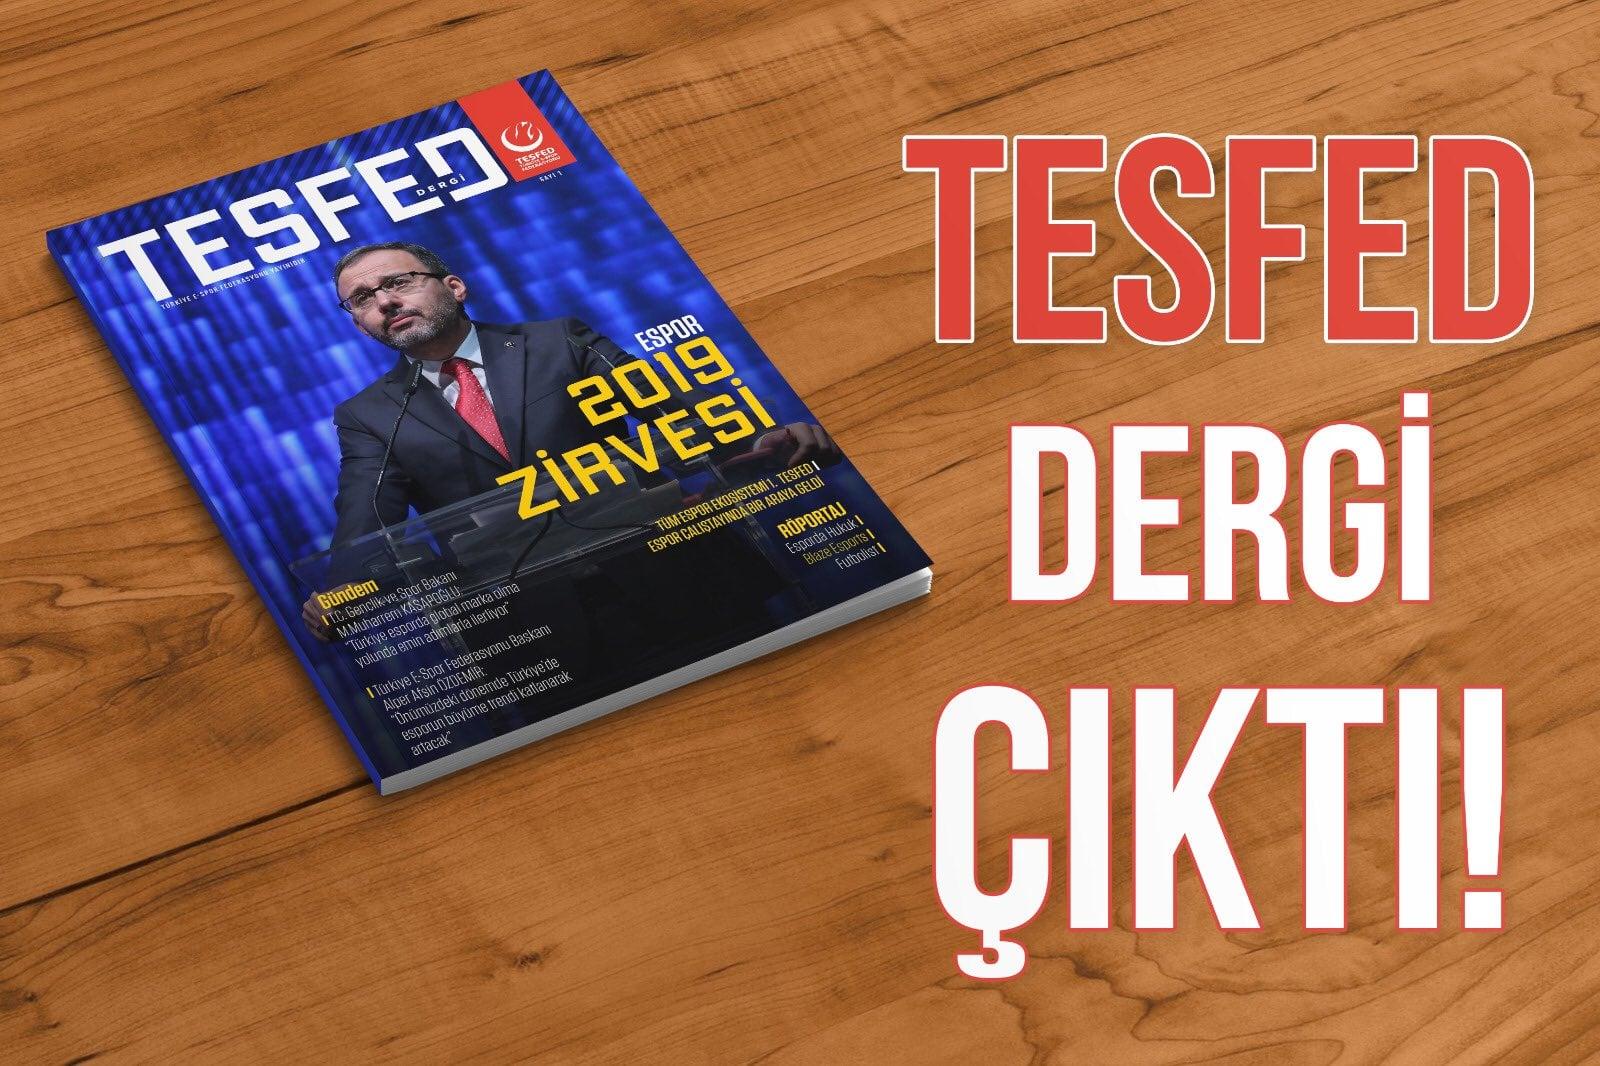 TESFED Dergi'nin İlk Sayısı Çıktı